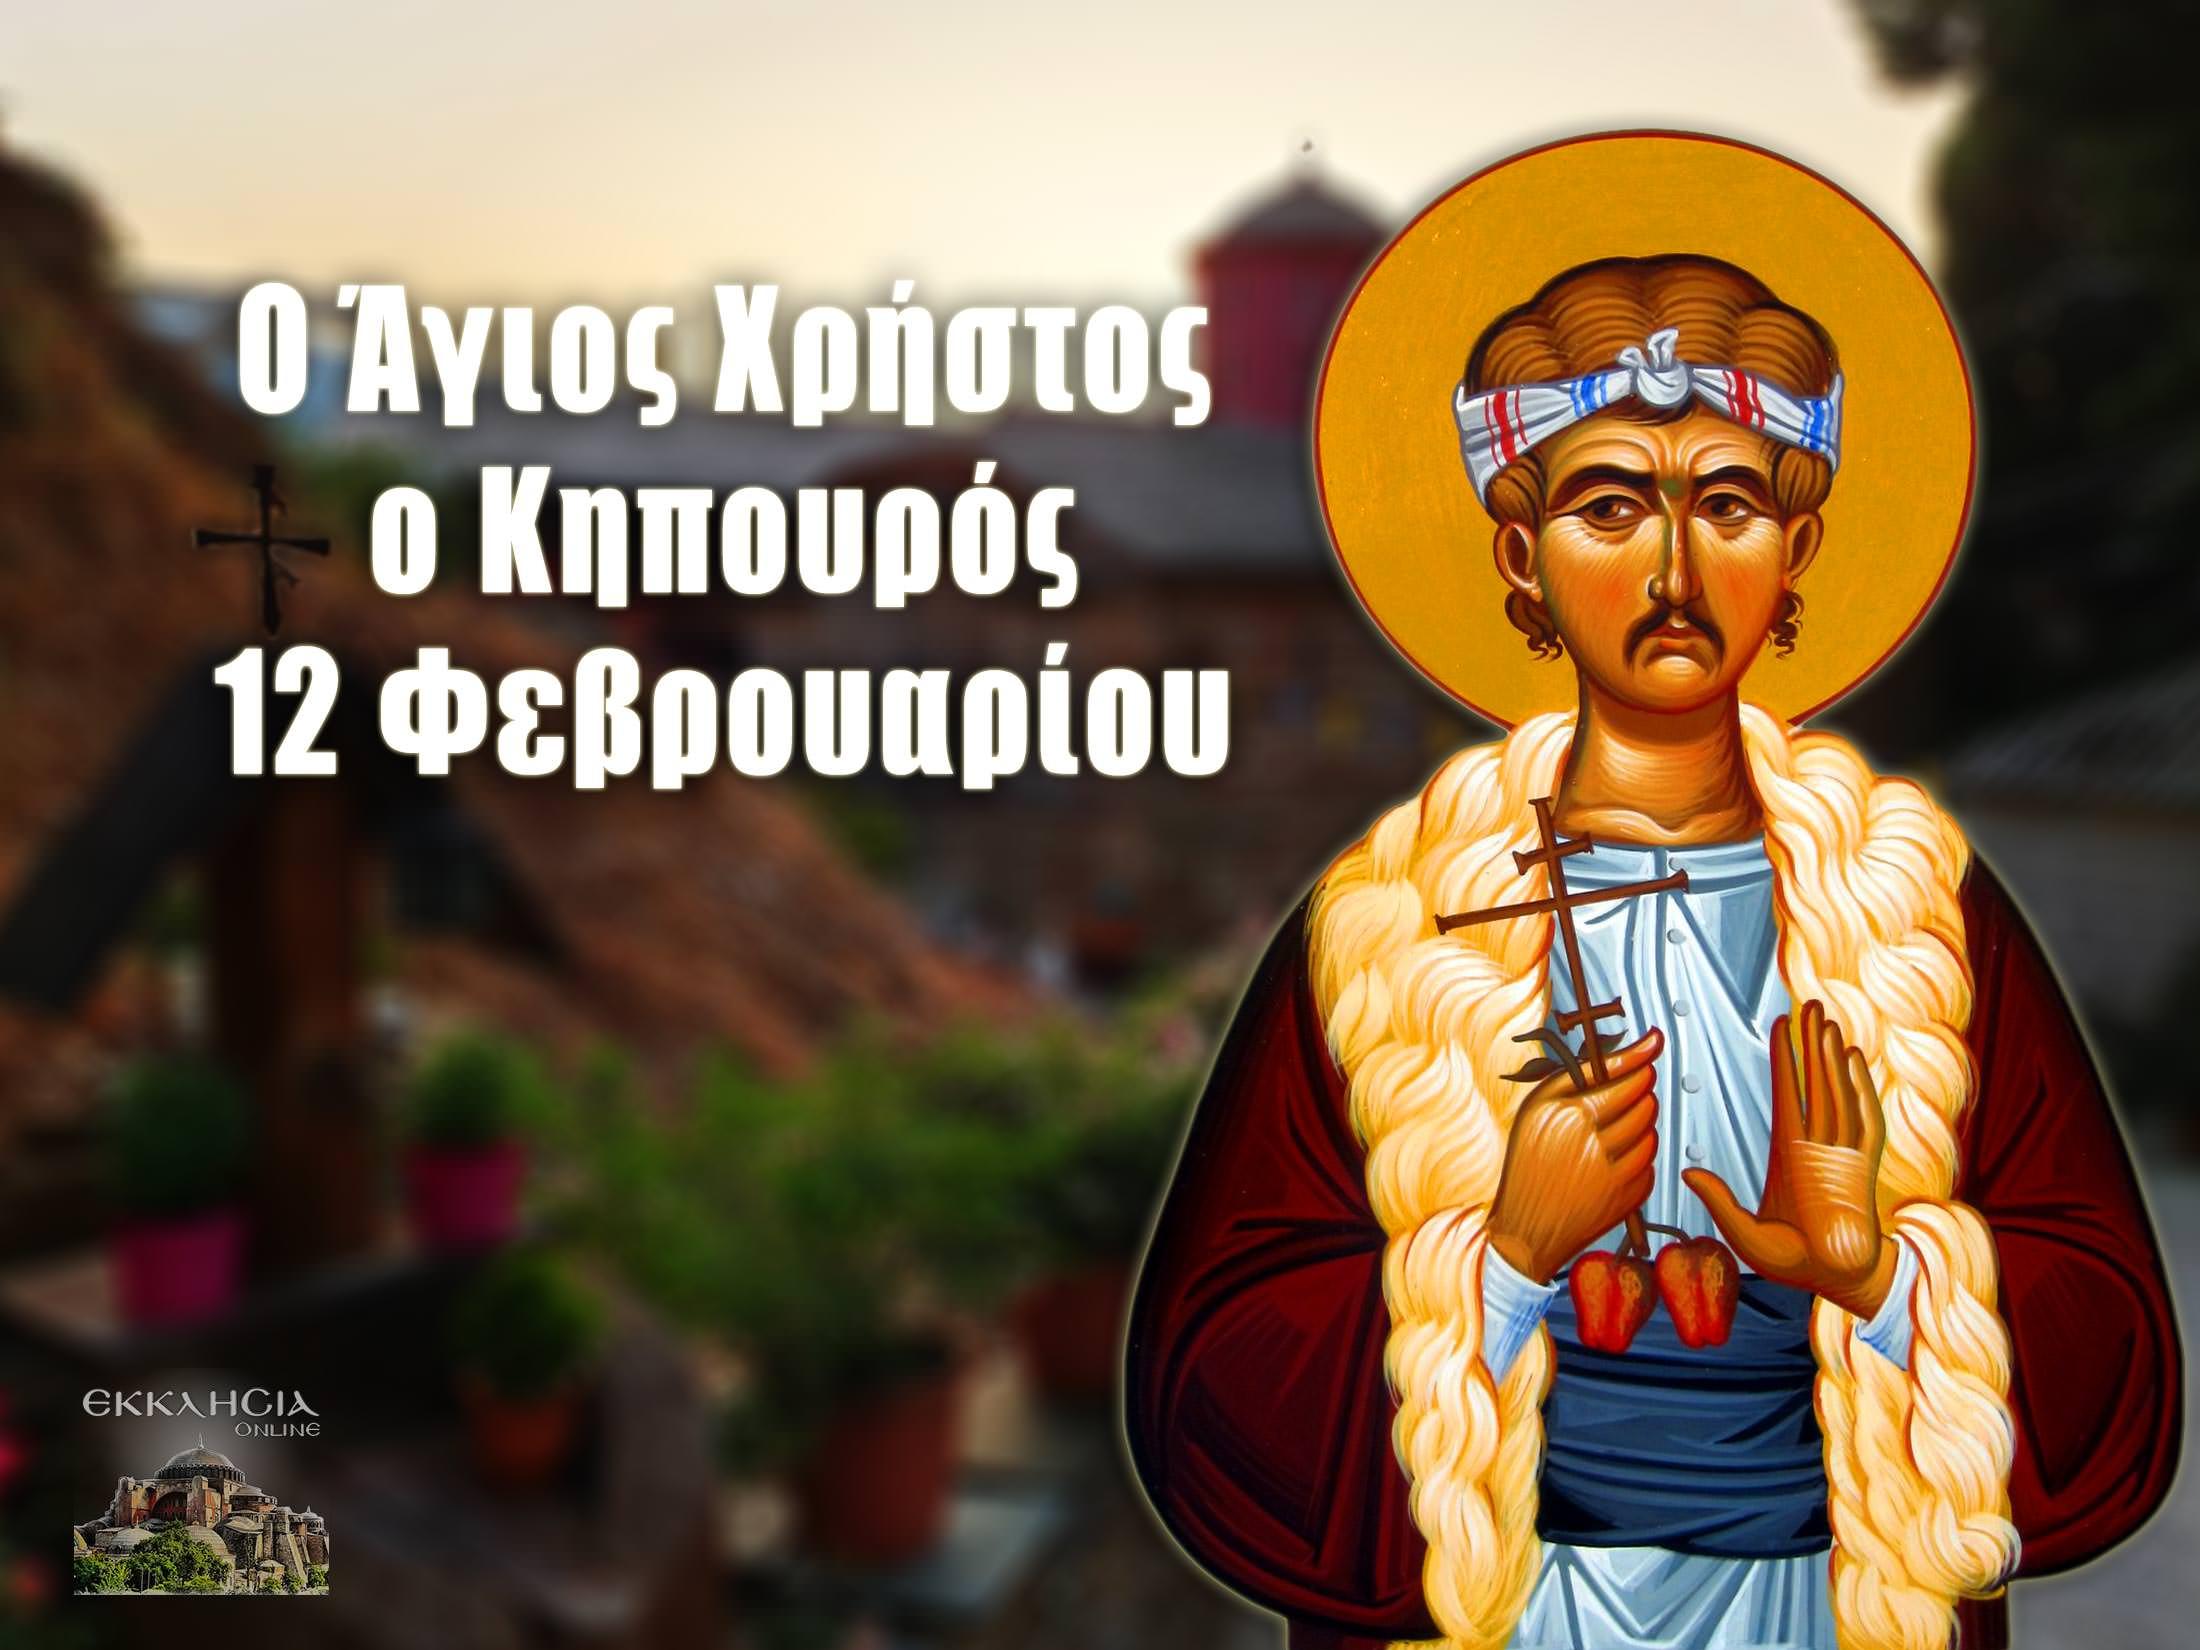 Άγιος Χρήστος ο Κηπουρός 12 Φεβρουαρίου